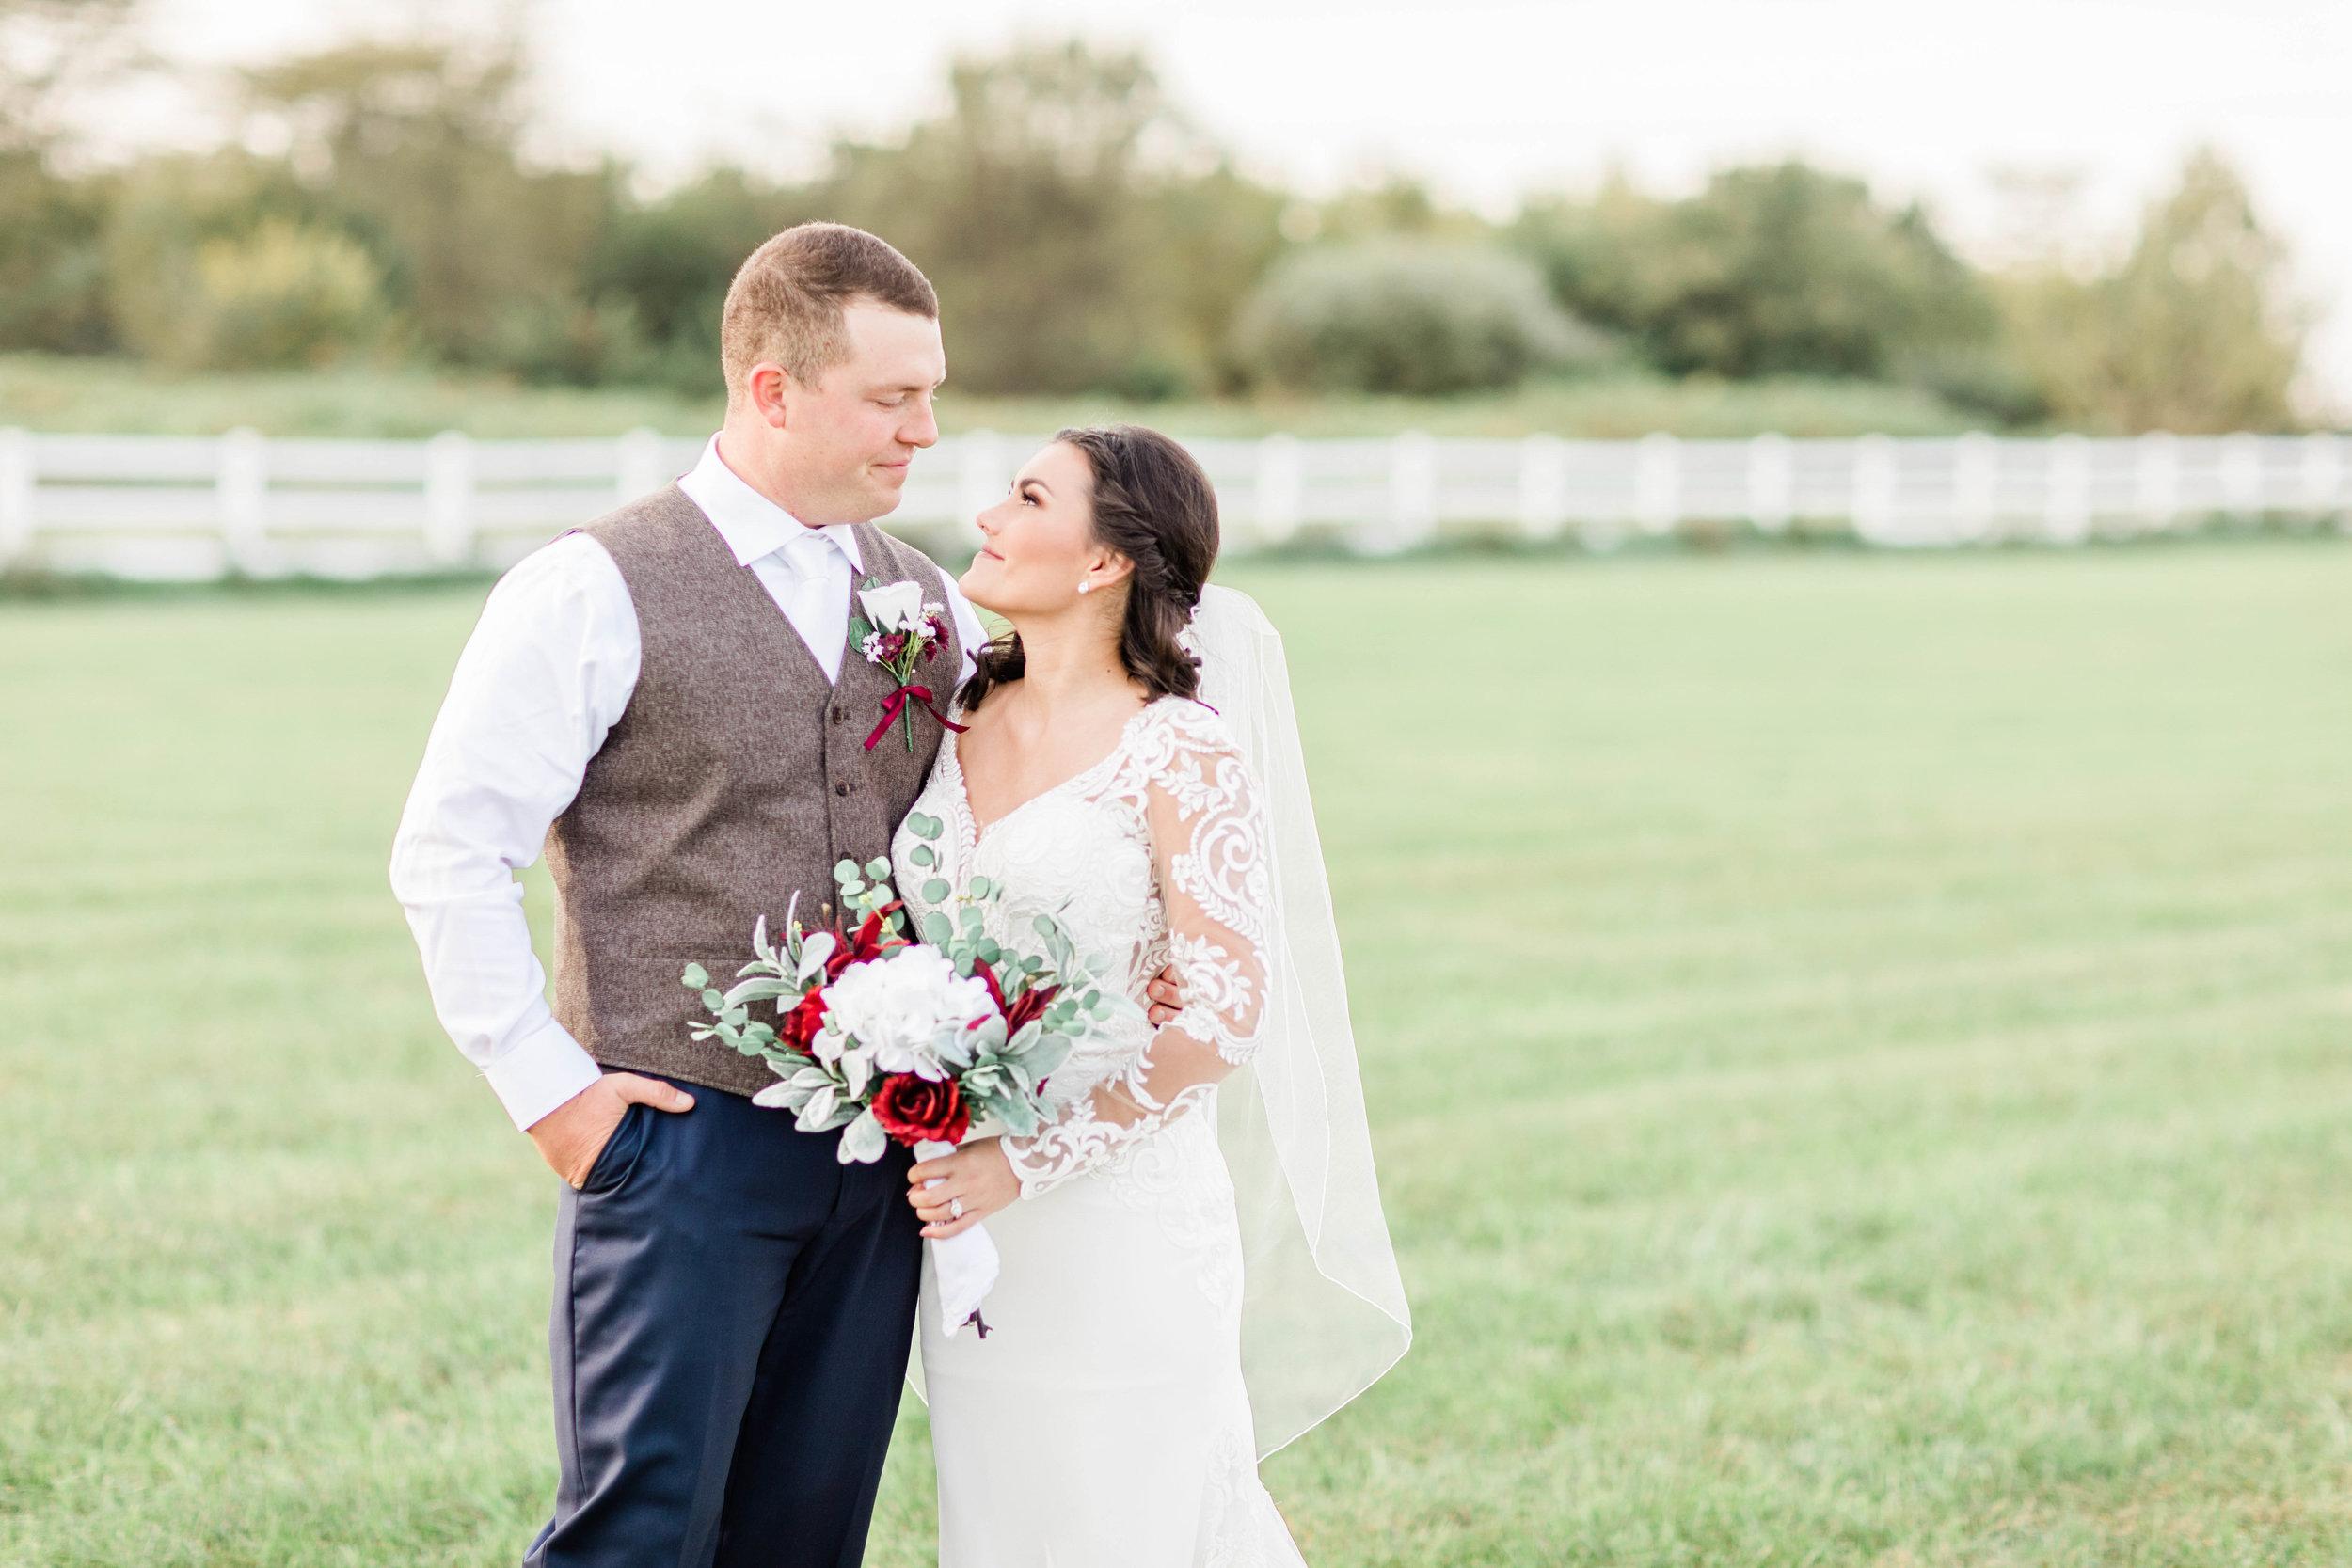 cincinnati wedding photographer-22.jpg